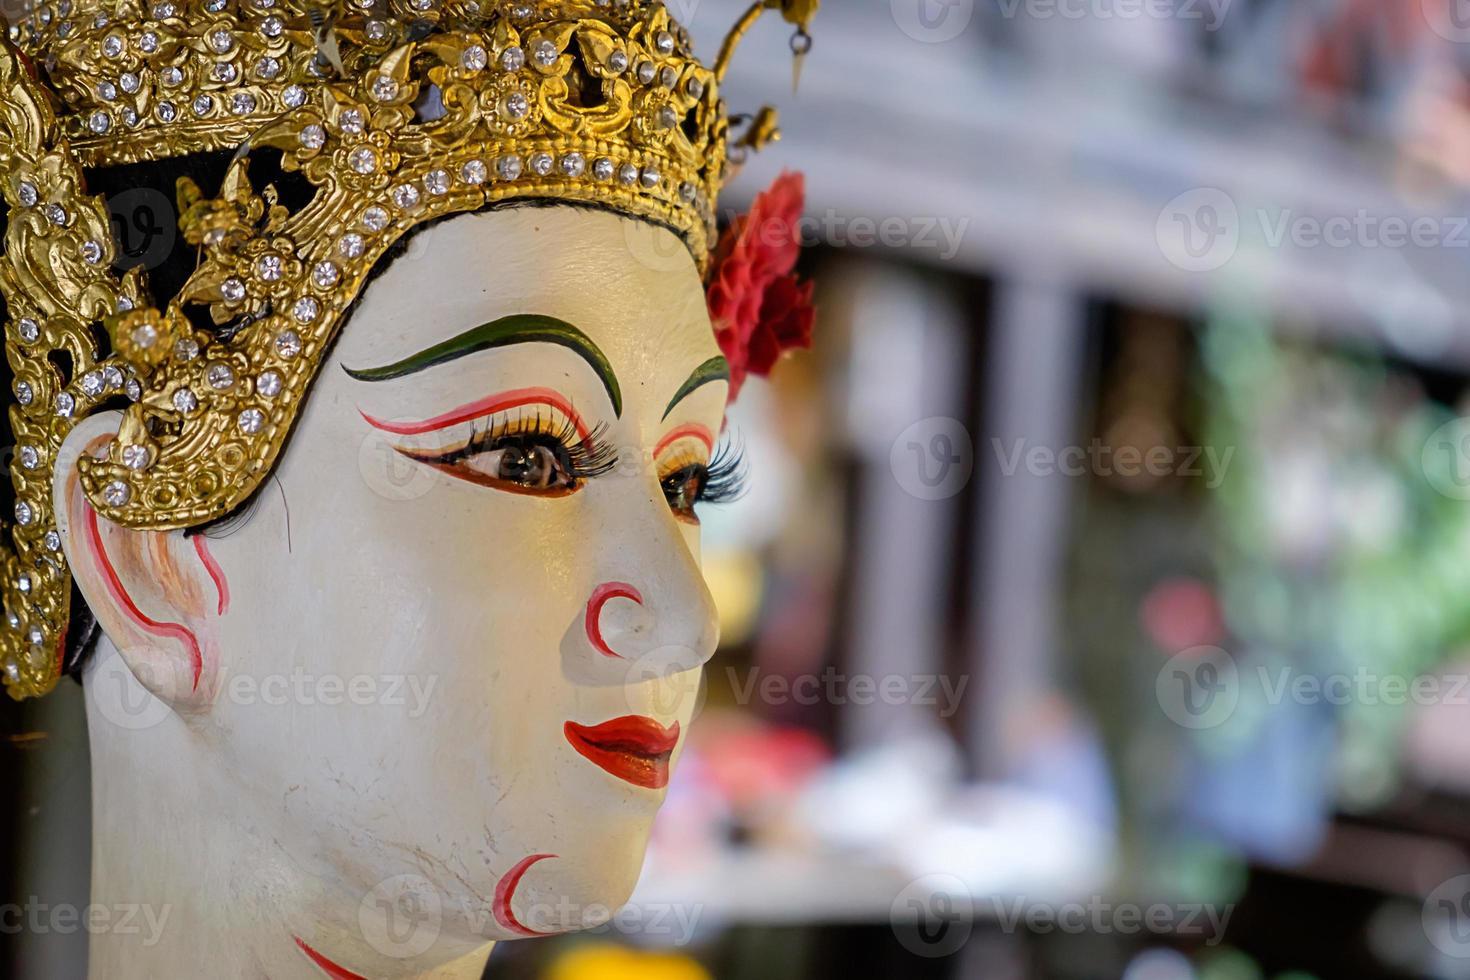 burattino tradizionale tailandese, patrimonio culturale nazionale foto